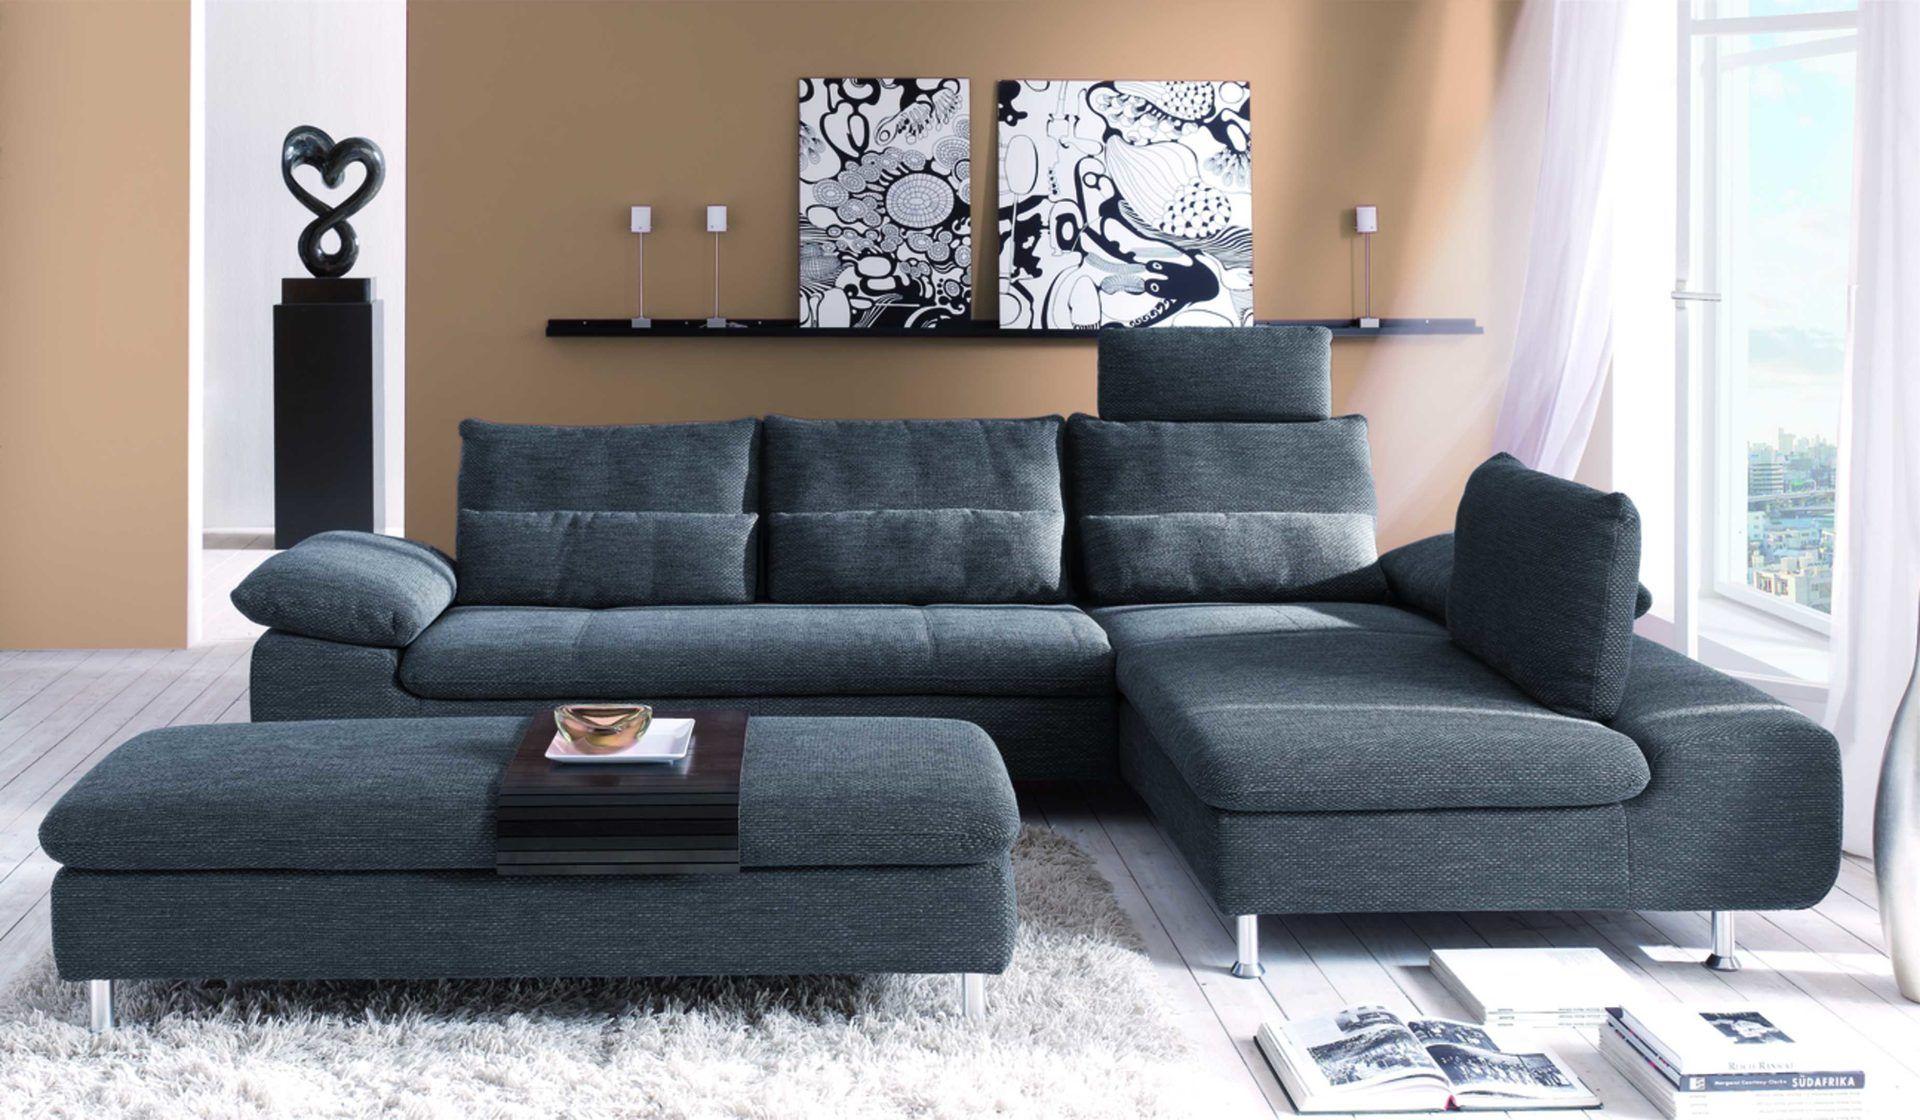 Eckcouch Als Stilvolles Herzstuck Wohnzimmer